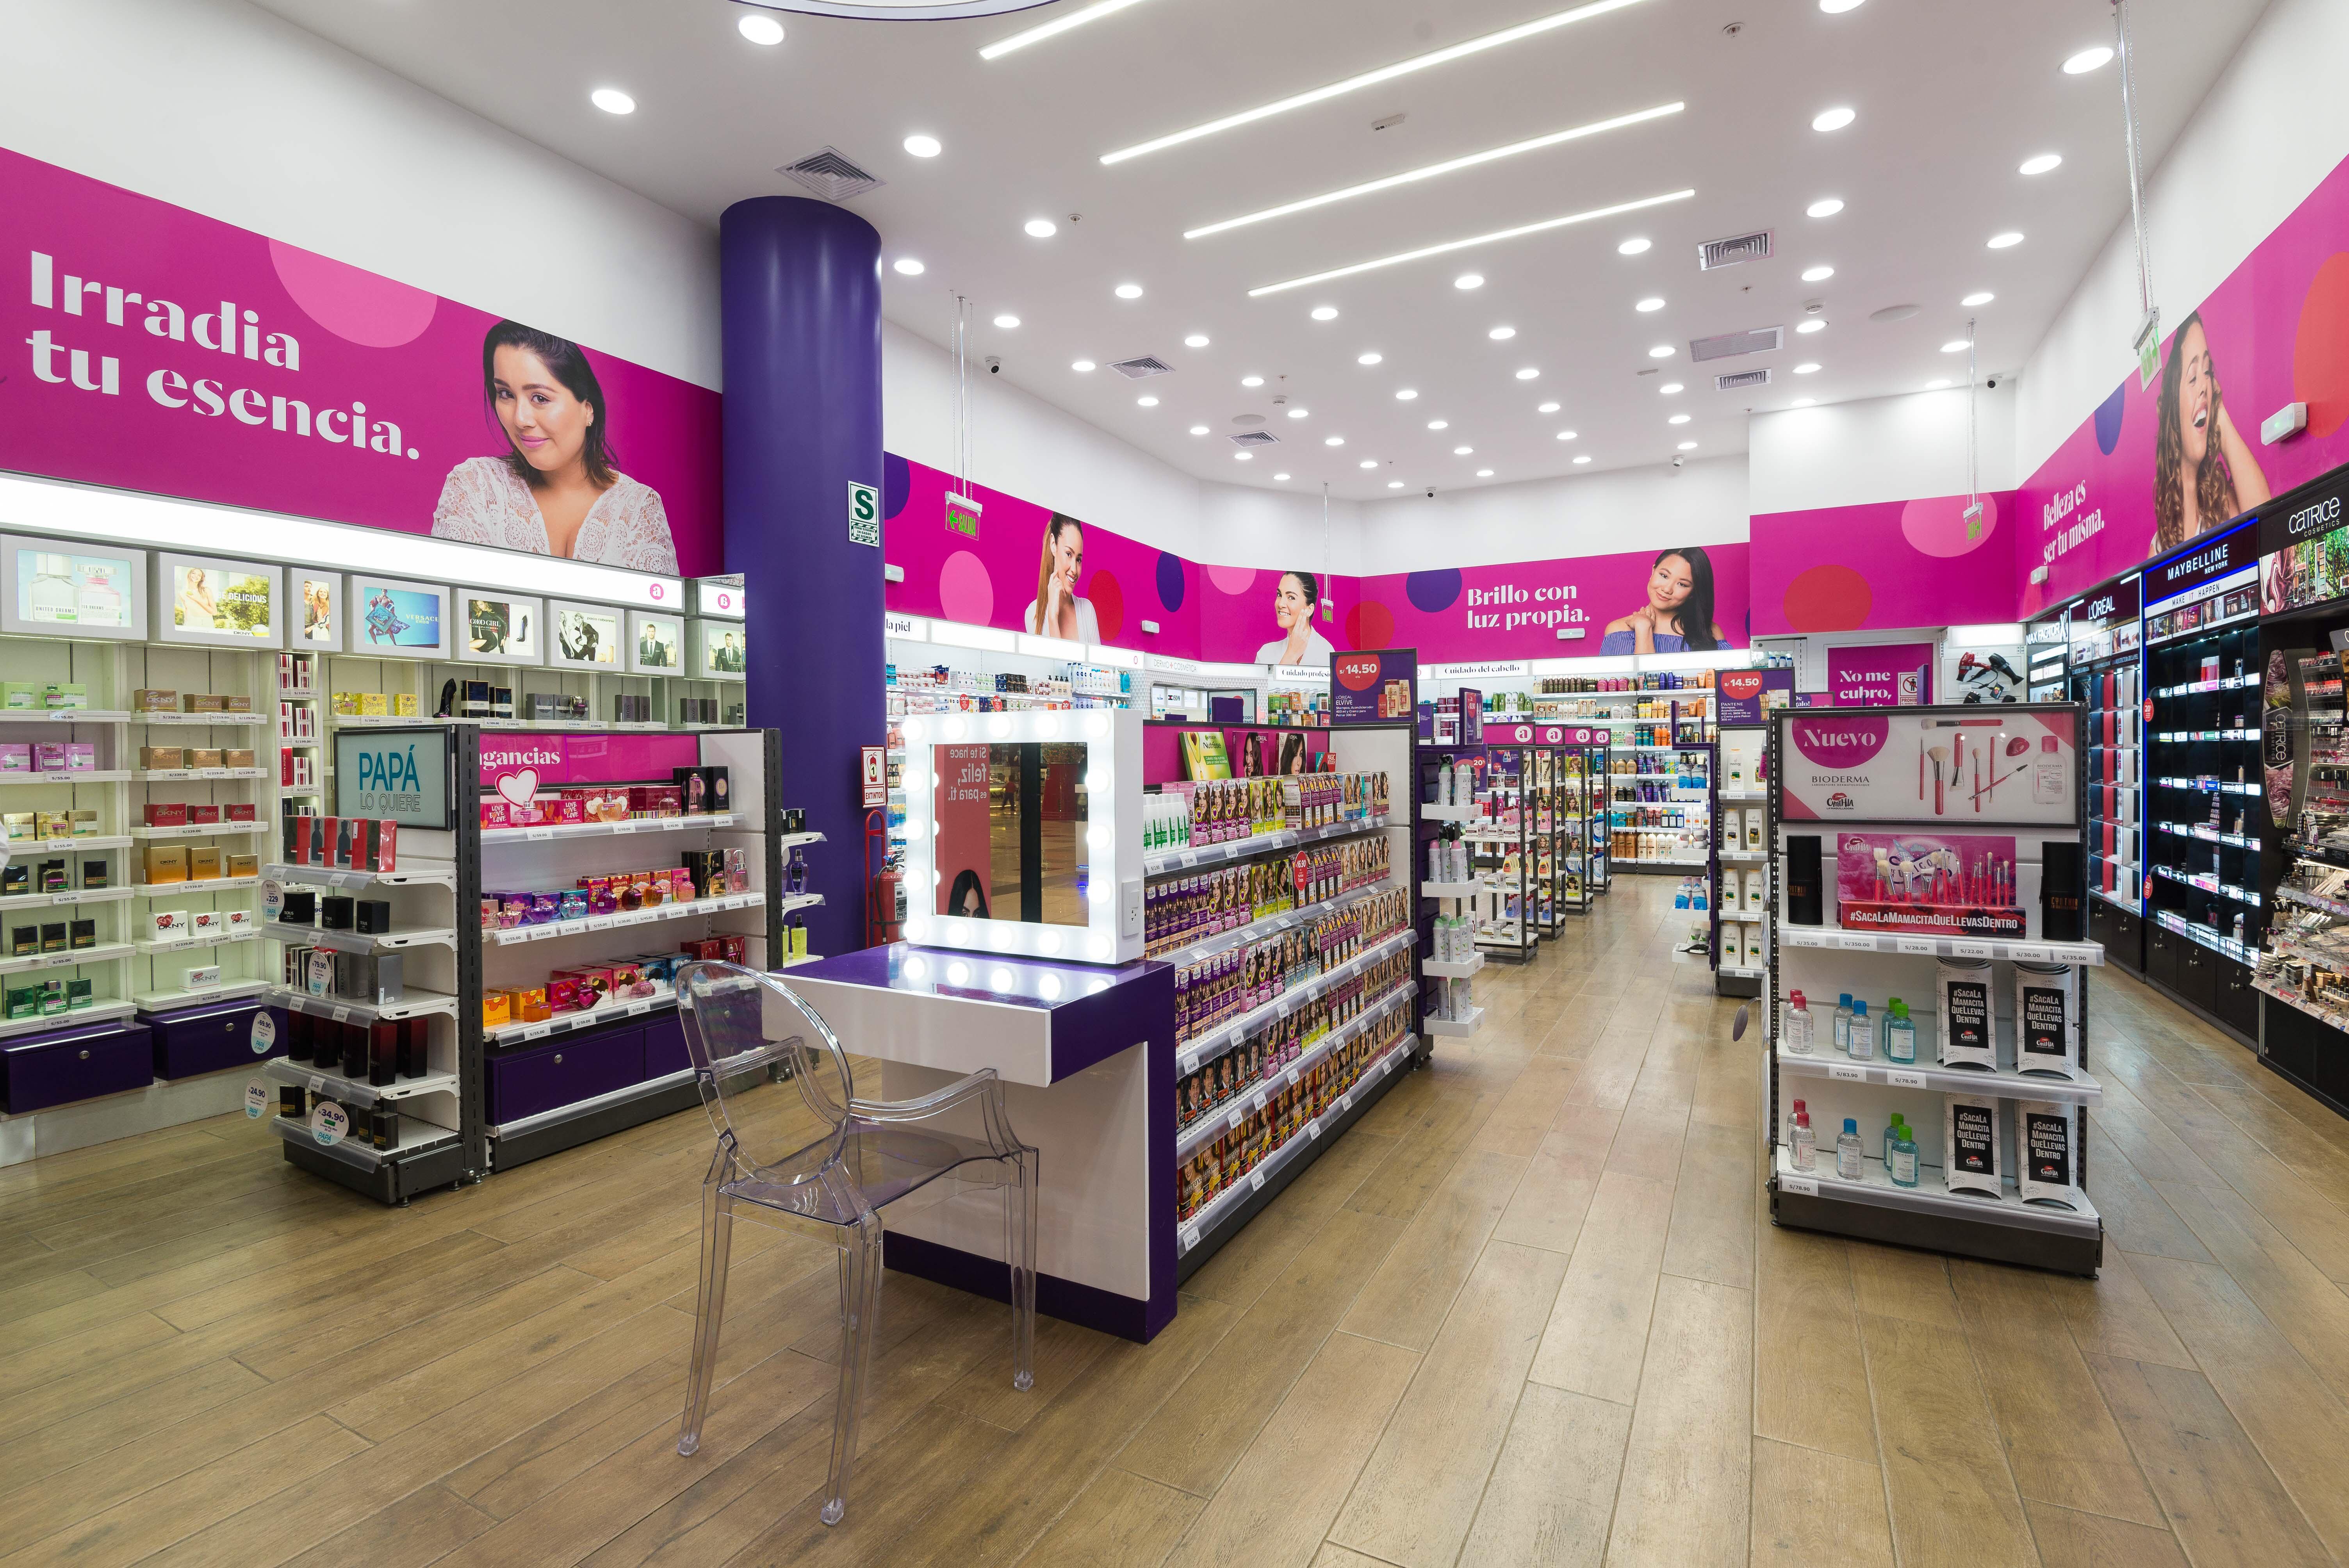 aruma megaplaza tienda 9 - Perú: Aruma continúa creciendo y alcanzará las 20 tiendas en julio